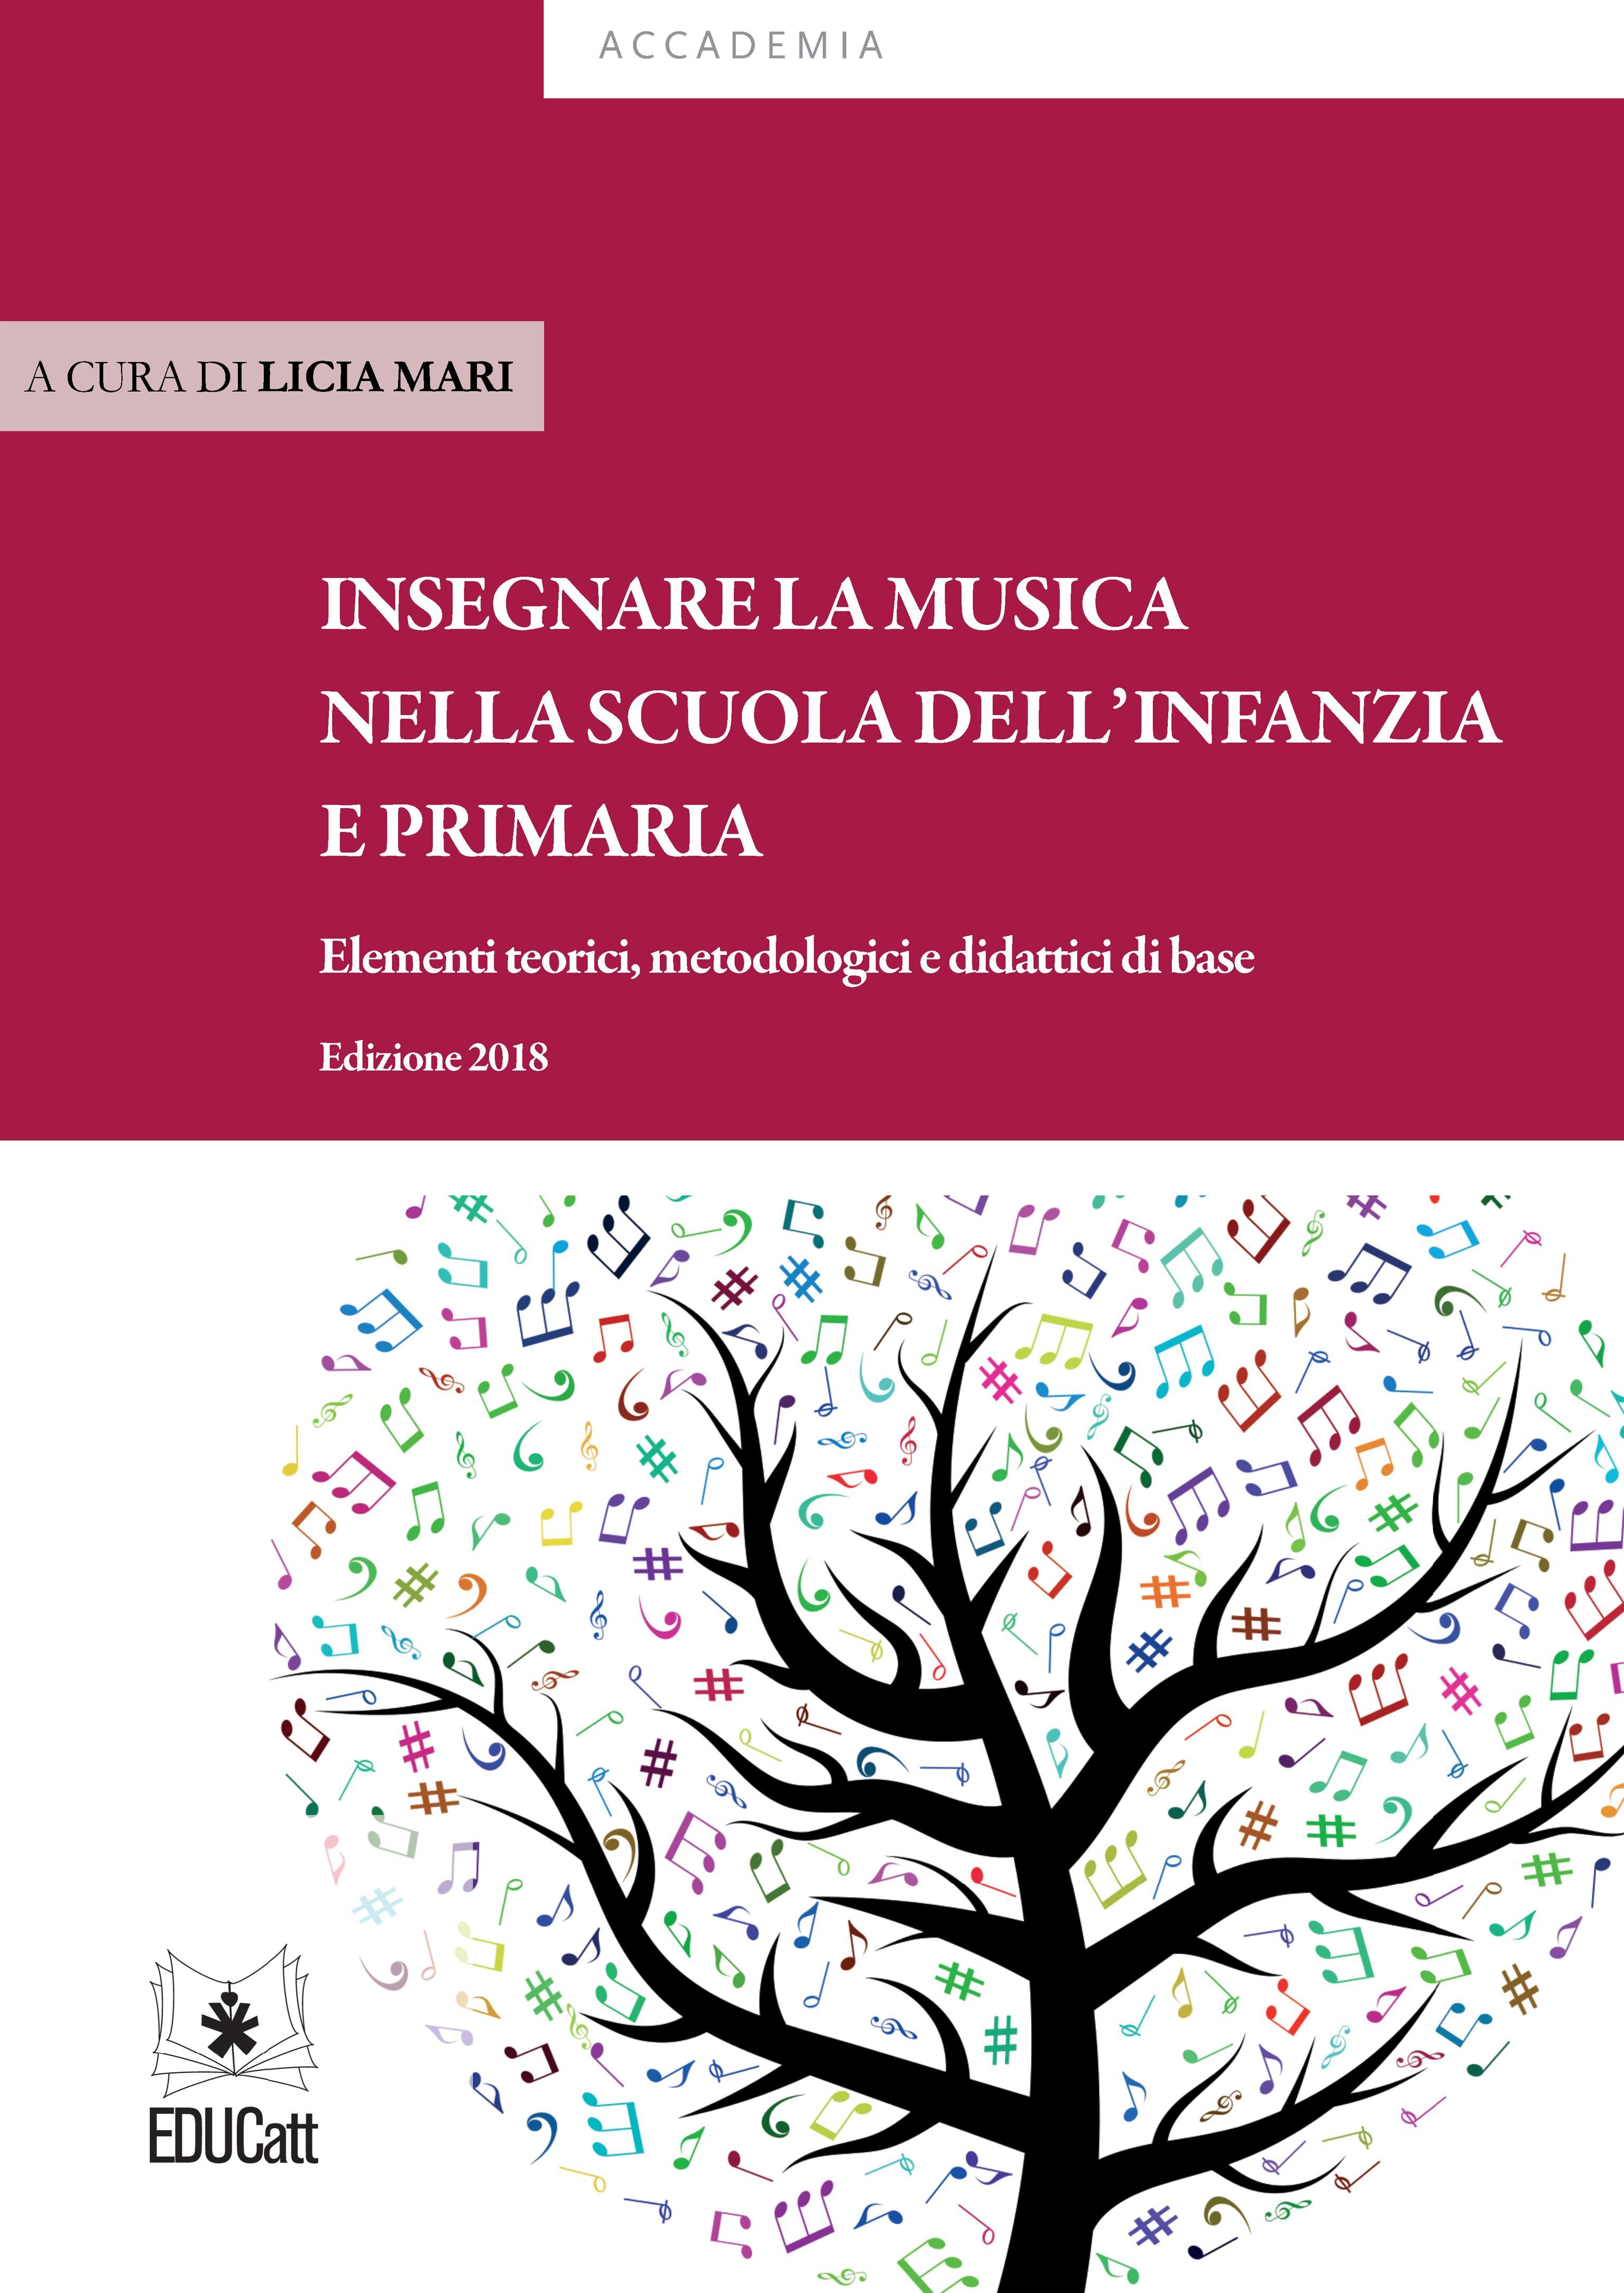 INSEGNARE LA MUSICA NELLA SCUOLA DELL'INFANZIA E PRIMARIA EDIZIONE 2018